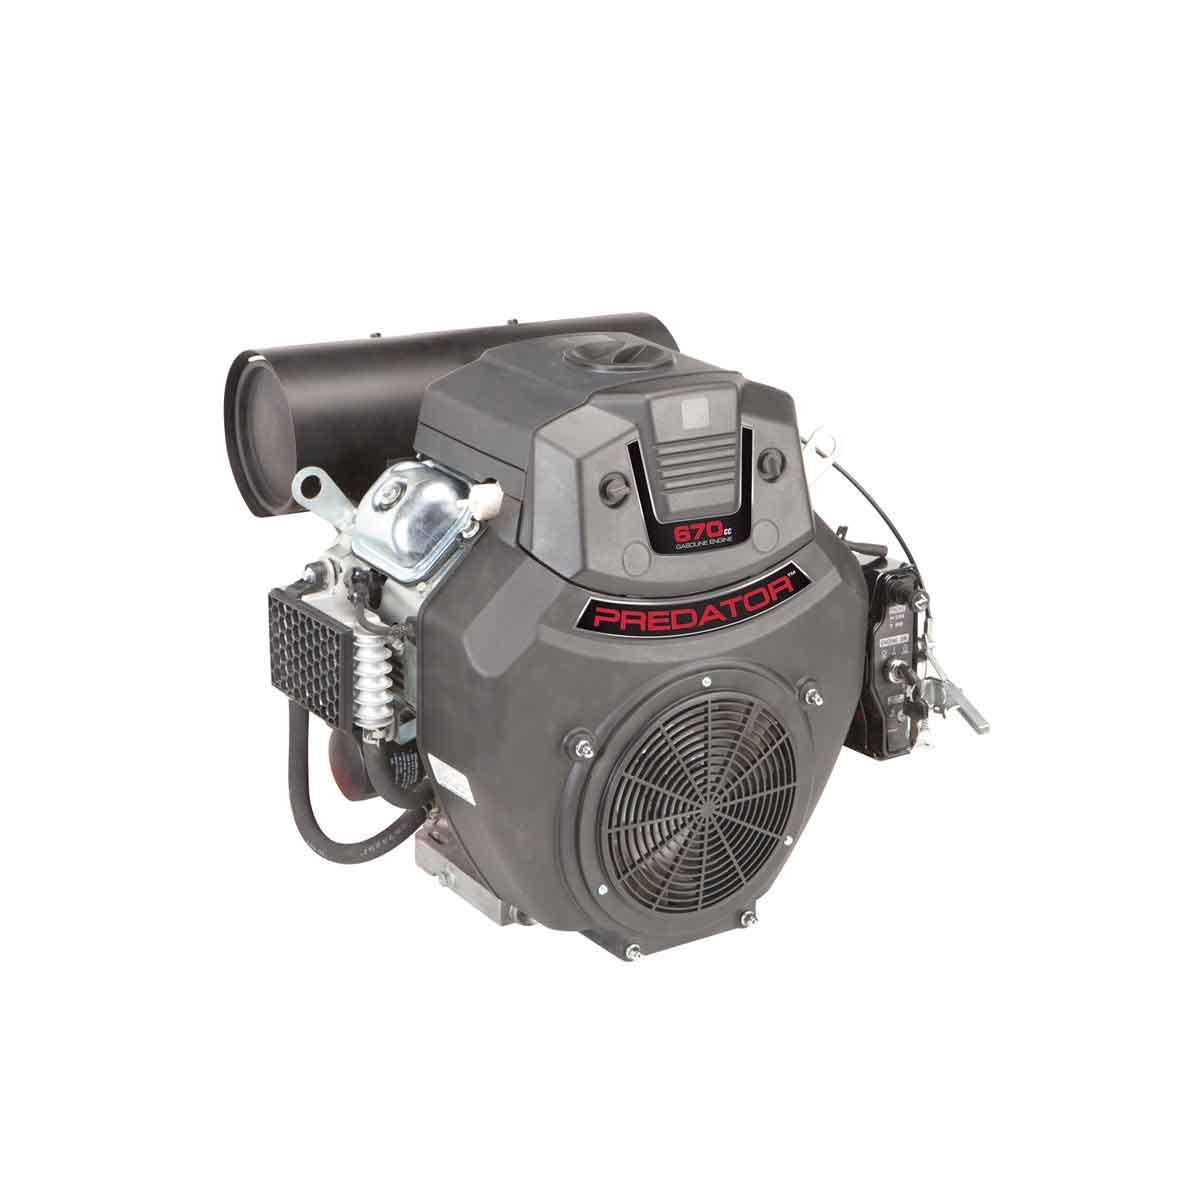 Predator Go Kart Engine Upgrades: Predator Engine 670cc (22 HP)